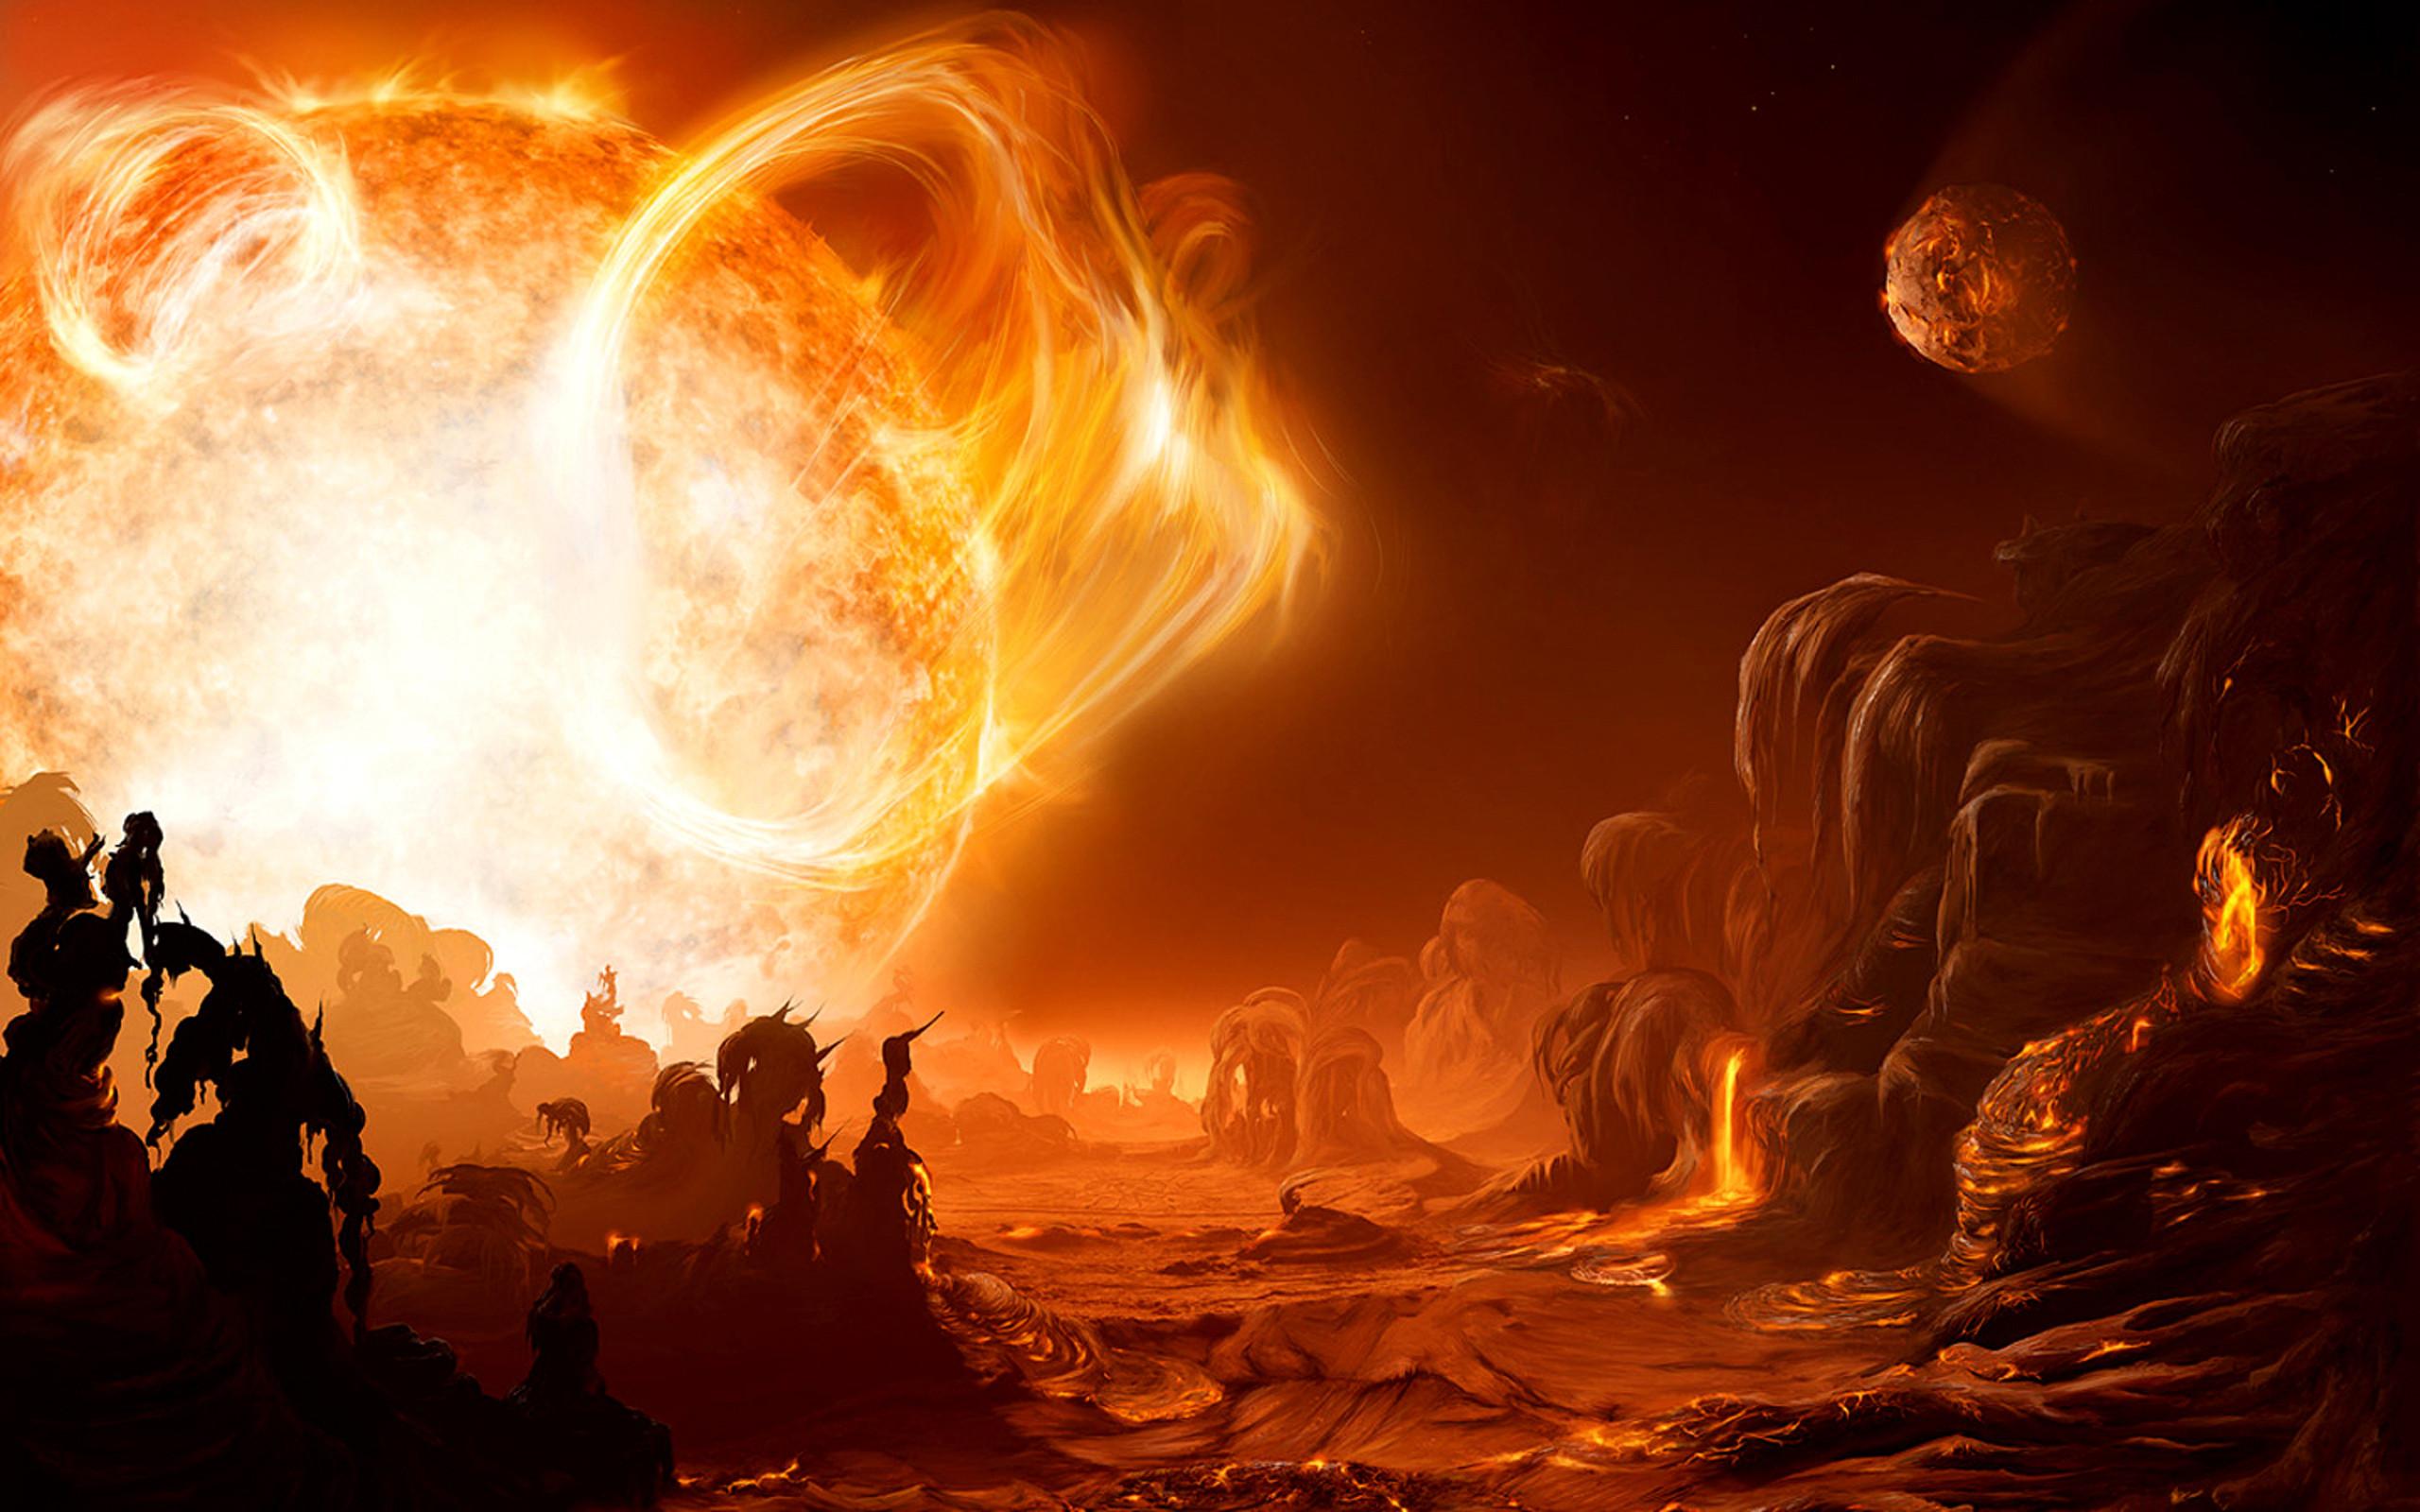 sci fi science fiction alien landscape art artistic painting cg digital  landscapes fire flames sun hot